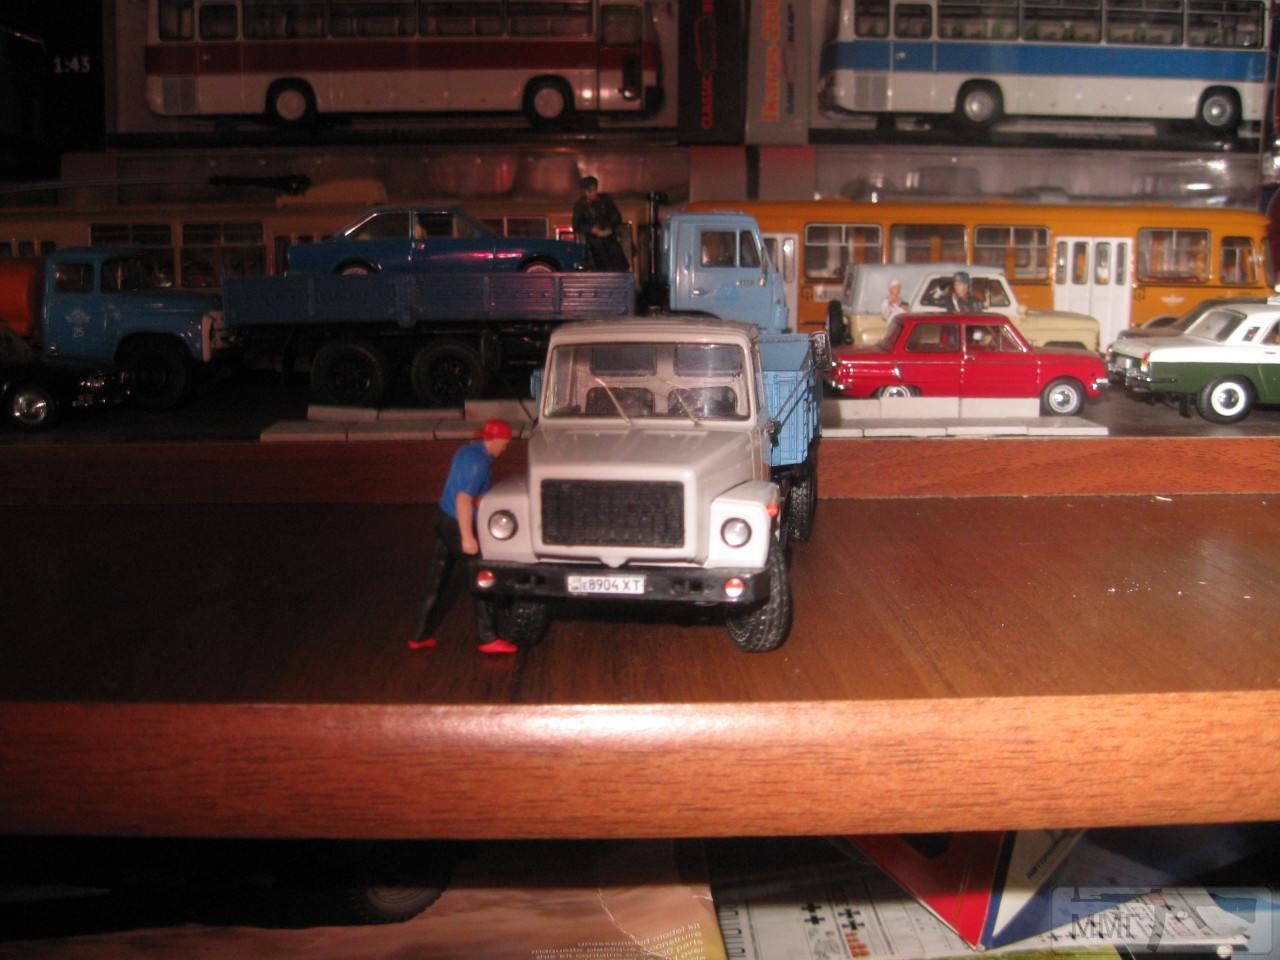 65887 - Модели грузовиков